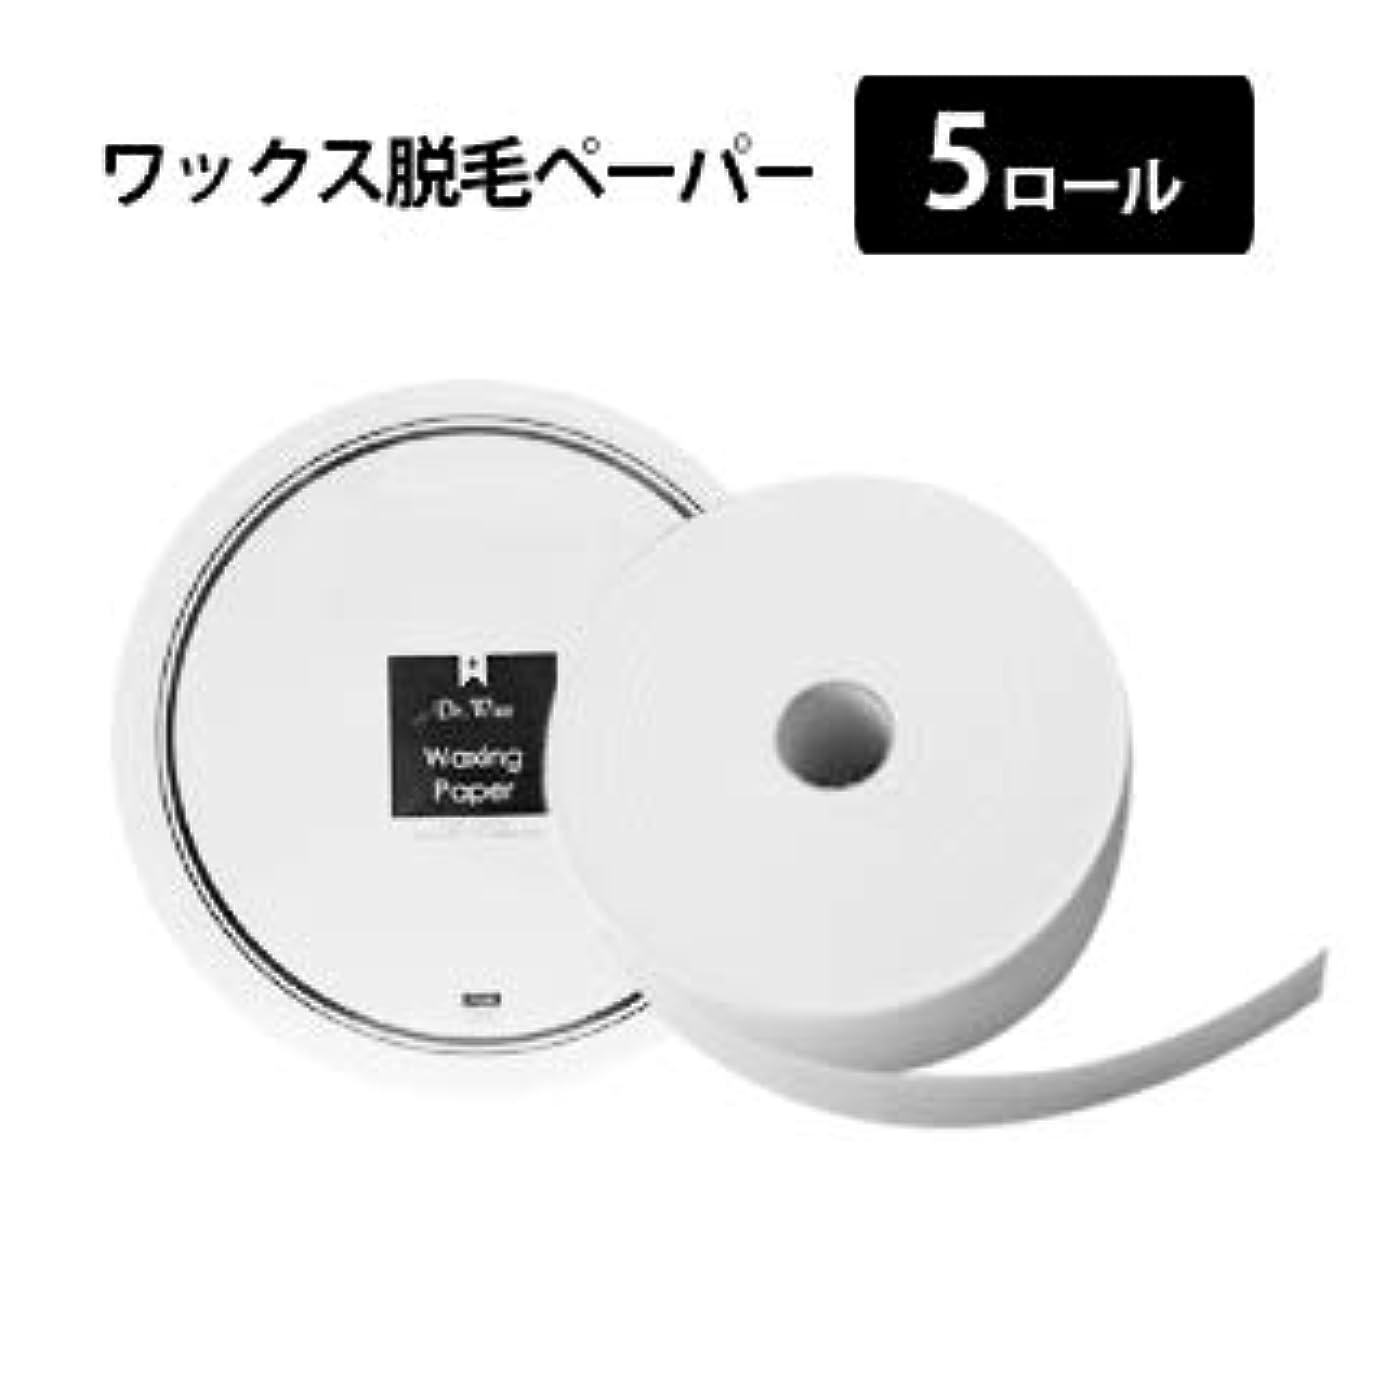 意味エキゾチックセンター【5ロール】ワックスロールペーパー 7cm スパンレース素材